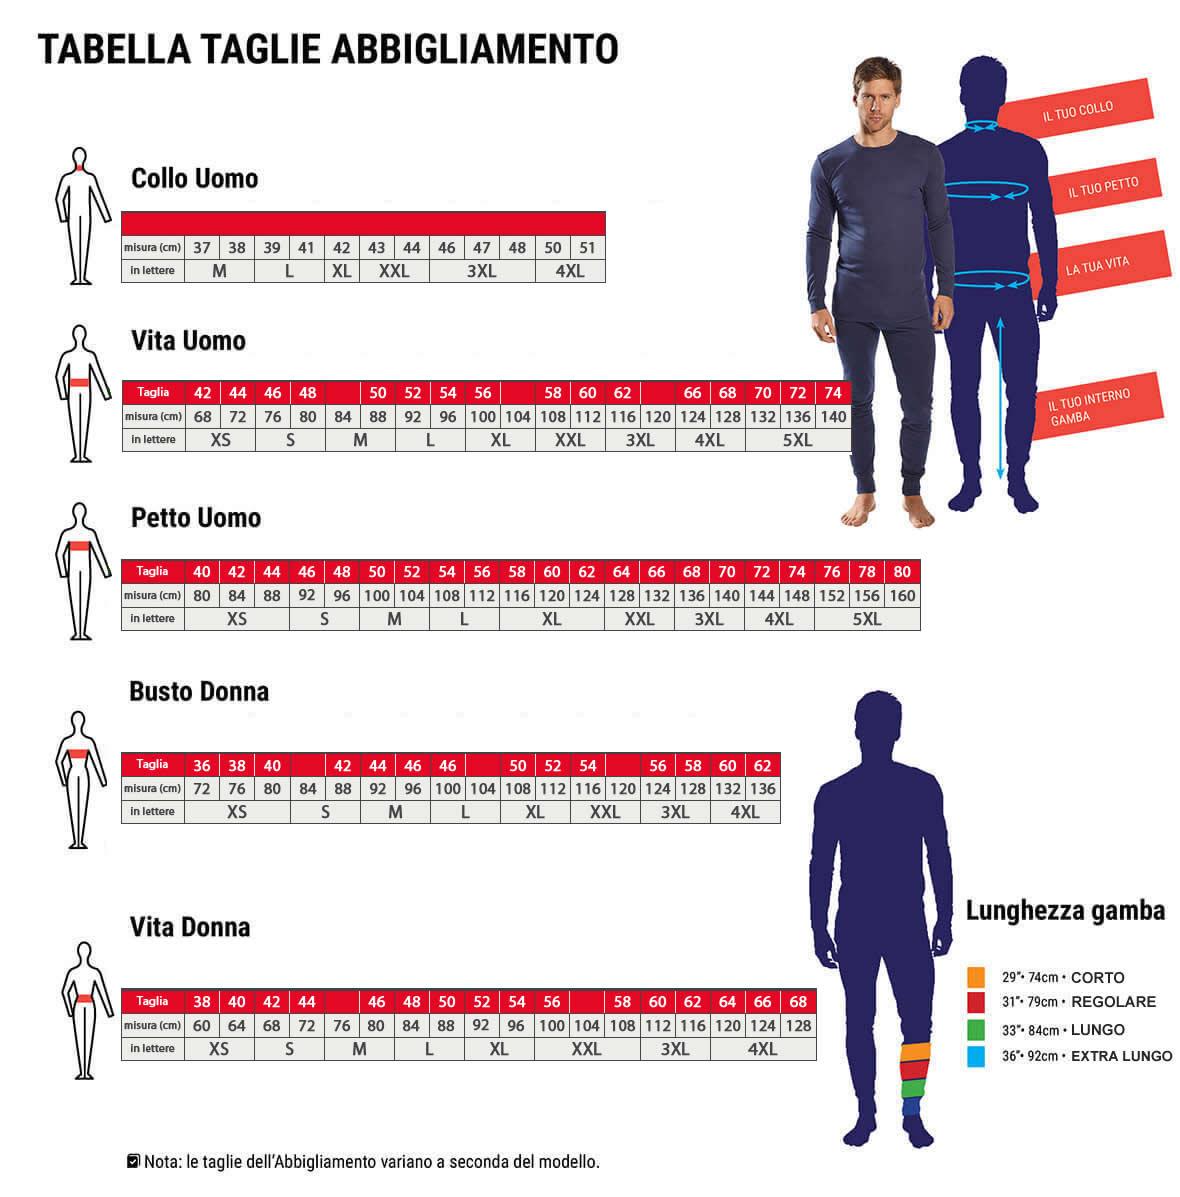 Tabella Taglie Abbigliamento Portewest